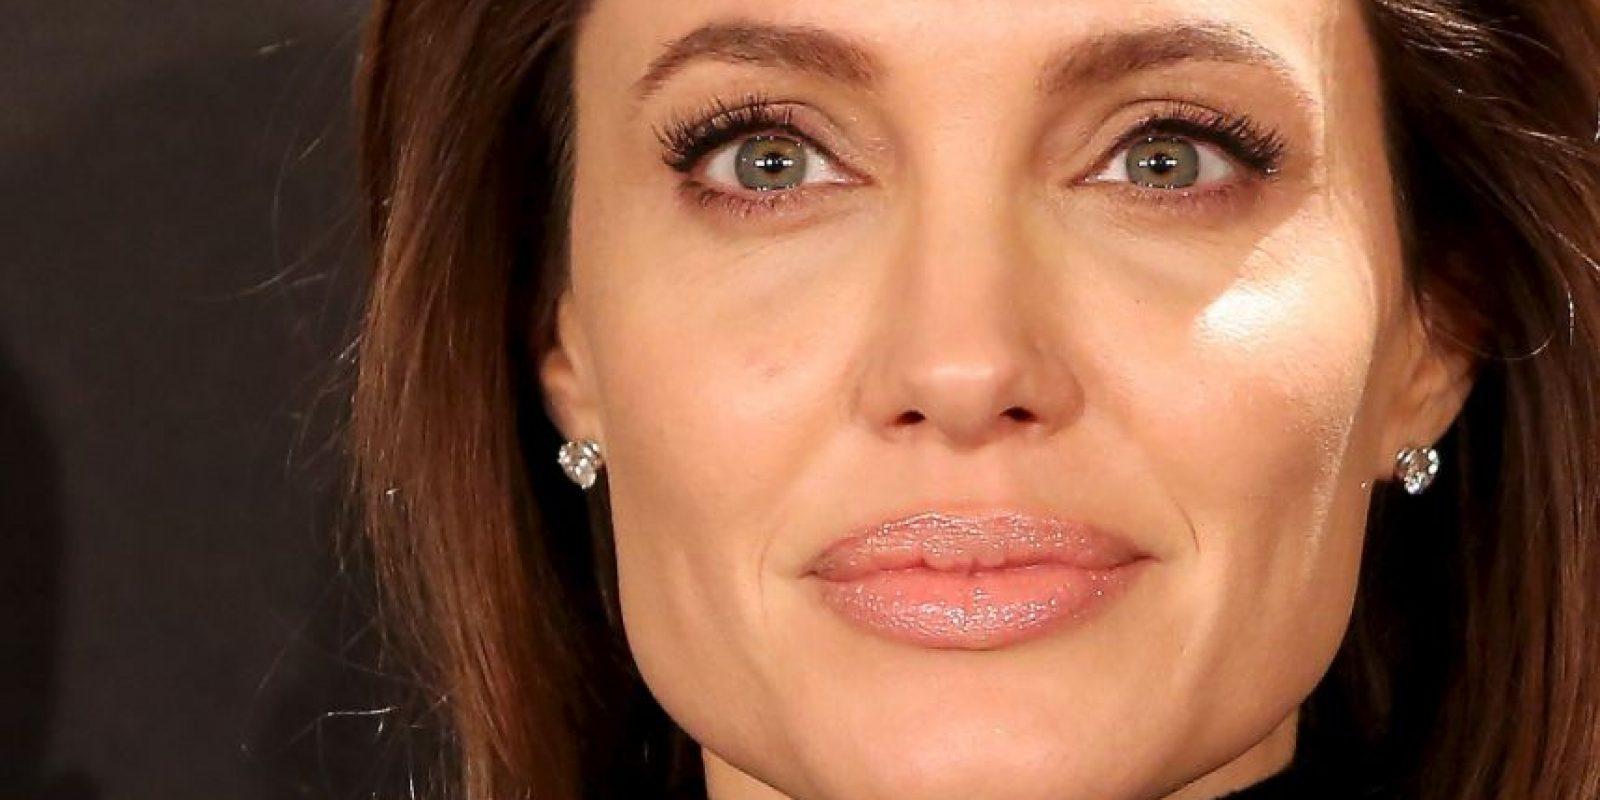 Se extirpó los ovarios y las trompas de Falopio Foto:Getty Images